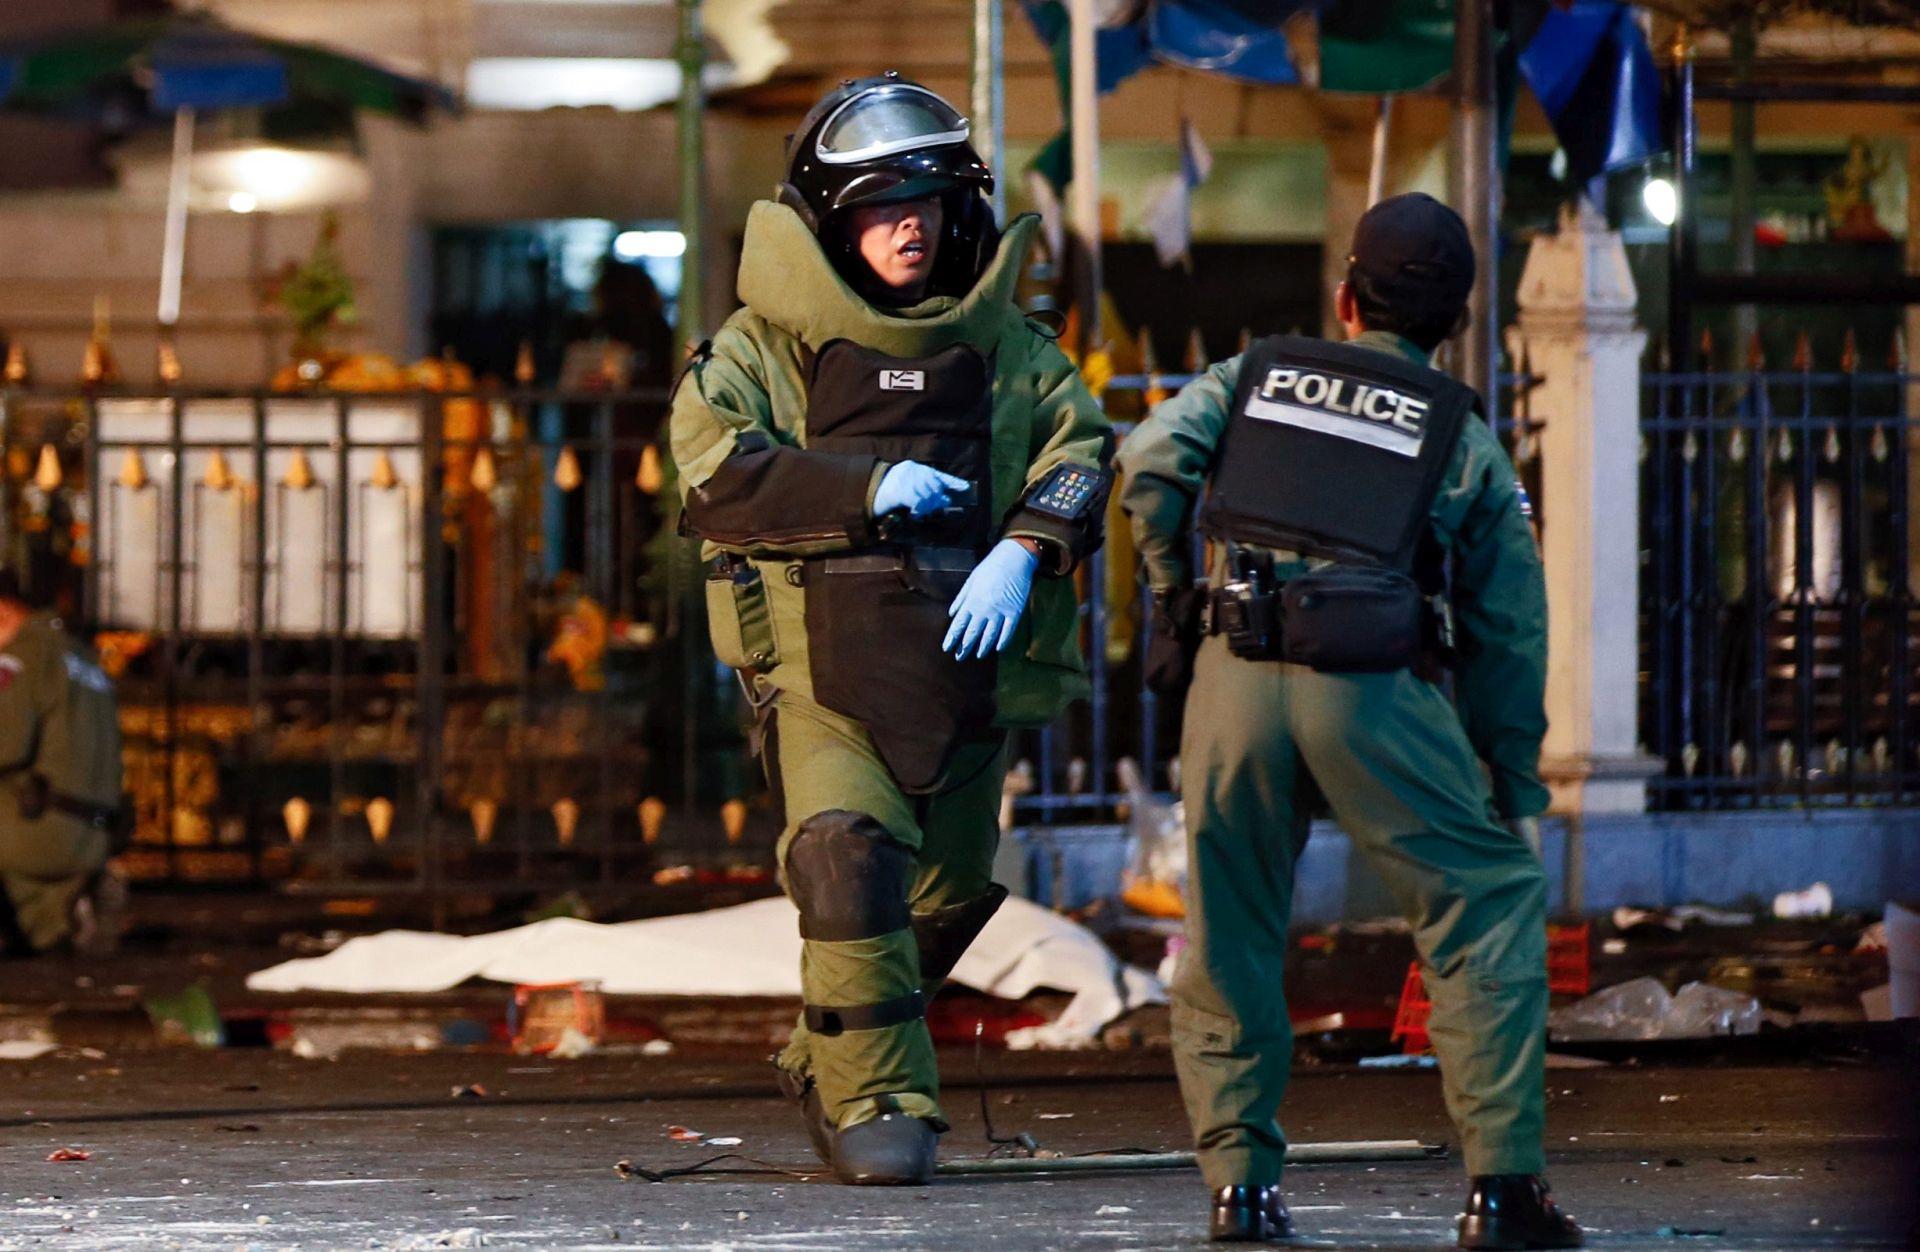 UDAR NA TURIZAM: Tajland nakon napada traga za osumnjičenicima i strahuje od gubitka gostiju